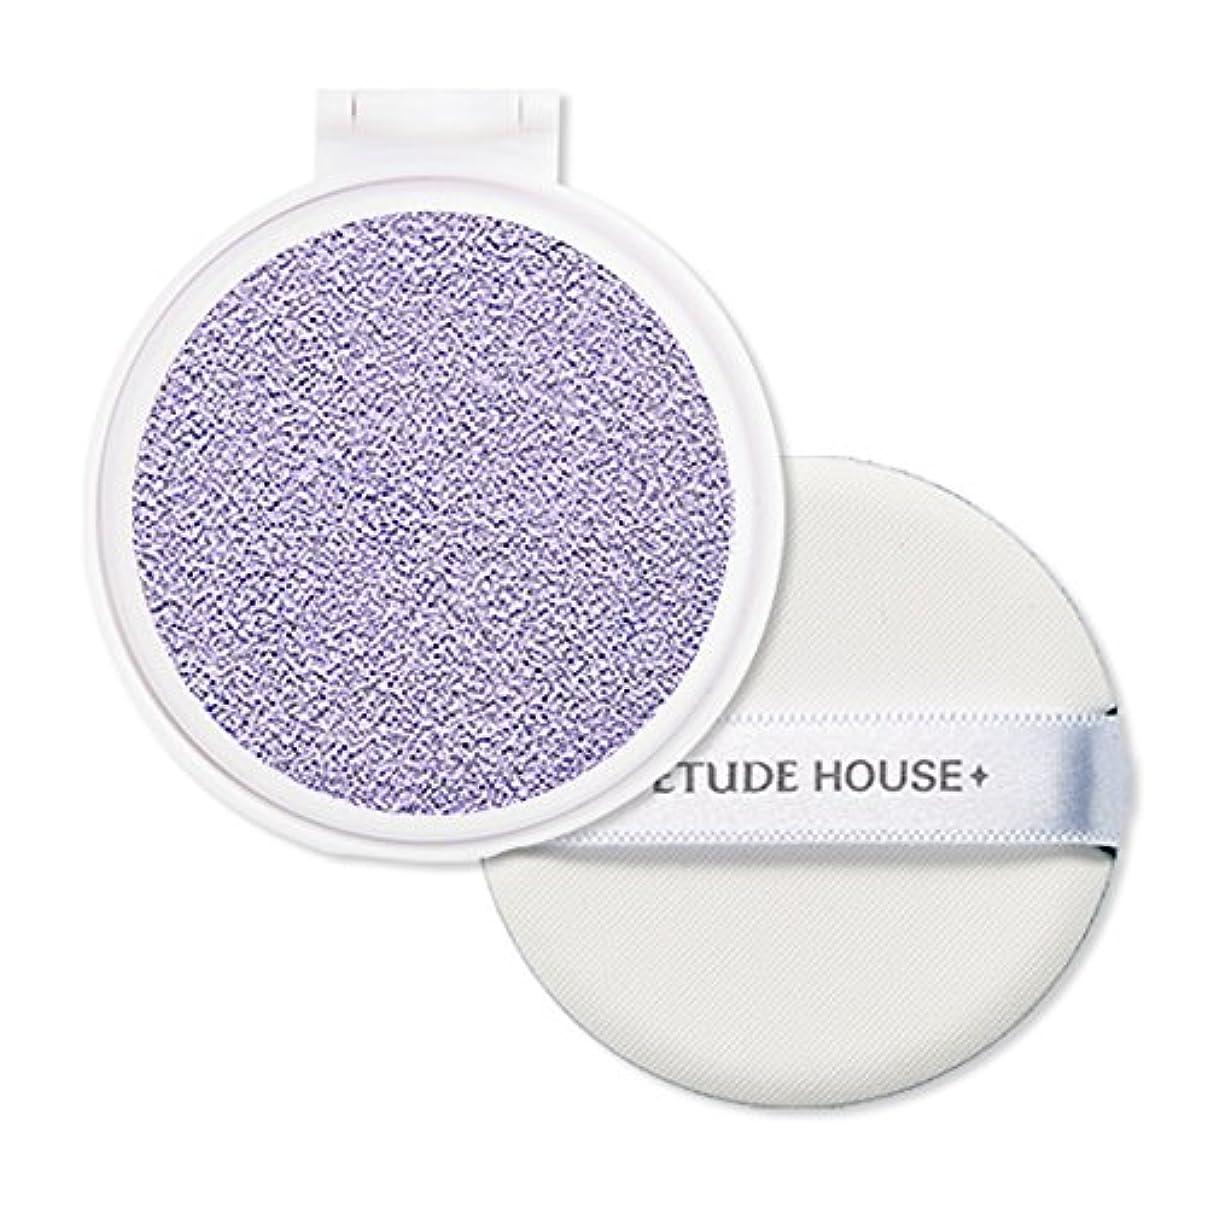 持ってる食べる特権エチュードハウス(ETUDE HOUSE) エニークッション カラーコレクター レフィル Lavender